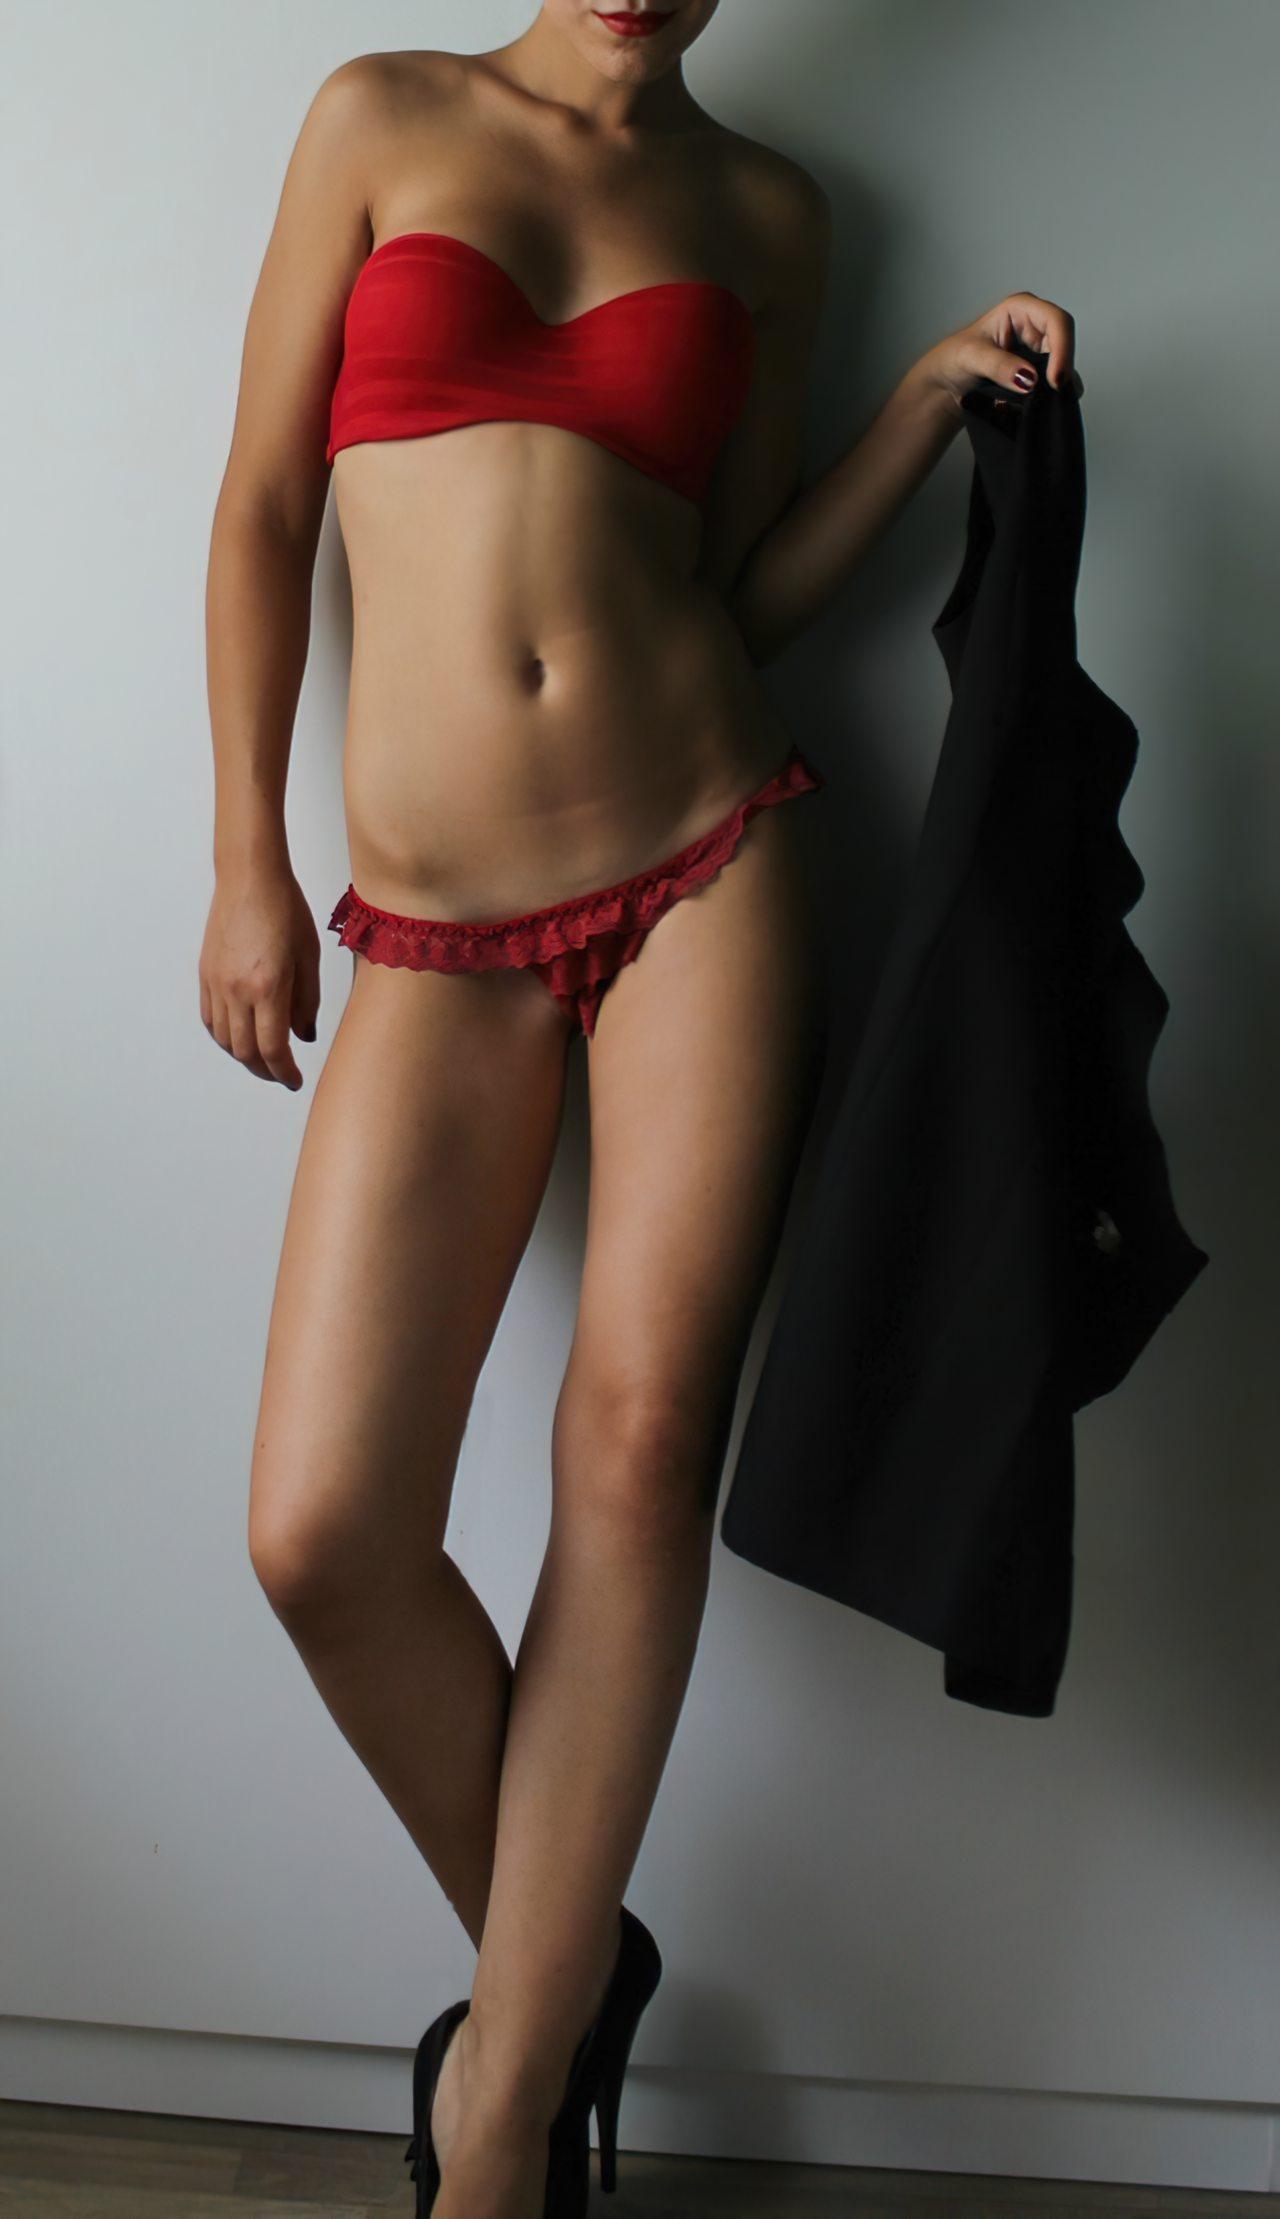 Mulher Despindo Vestido (2)